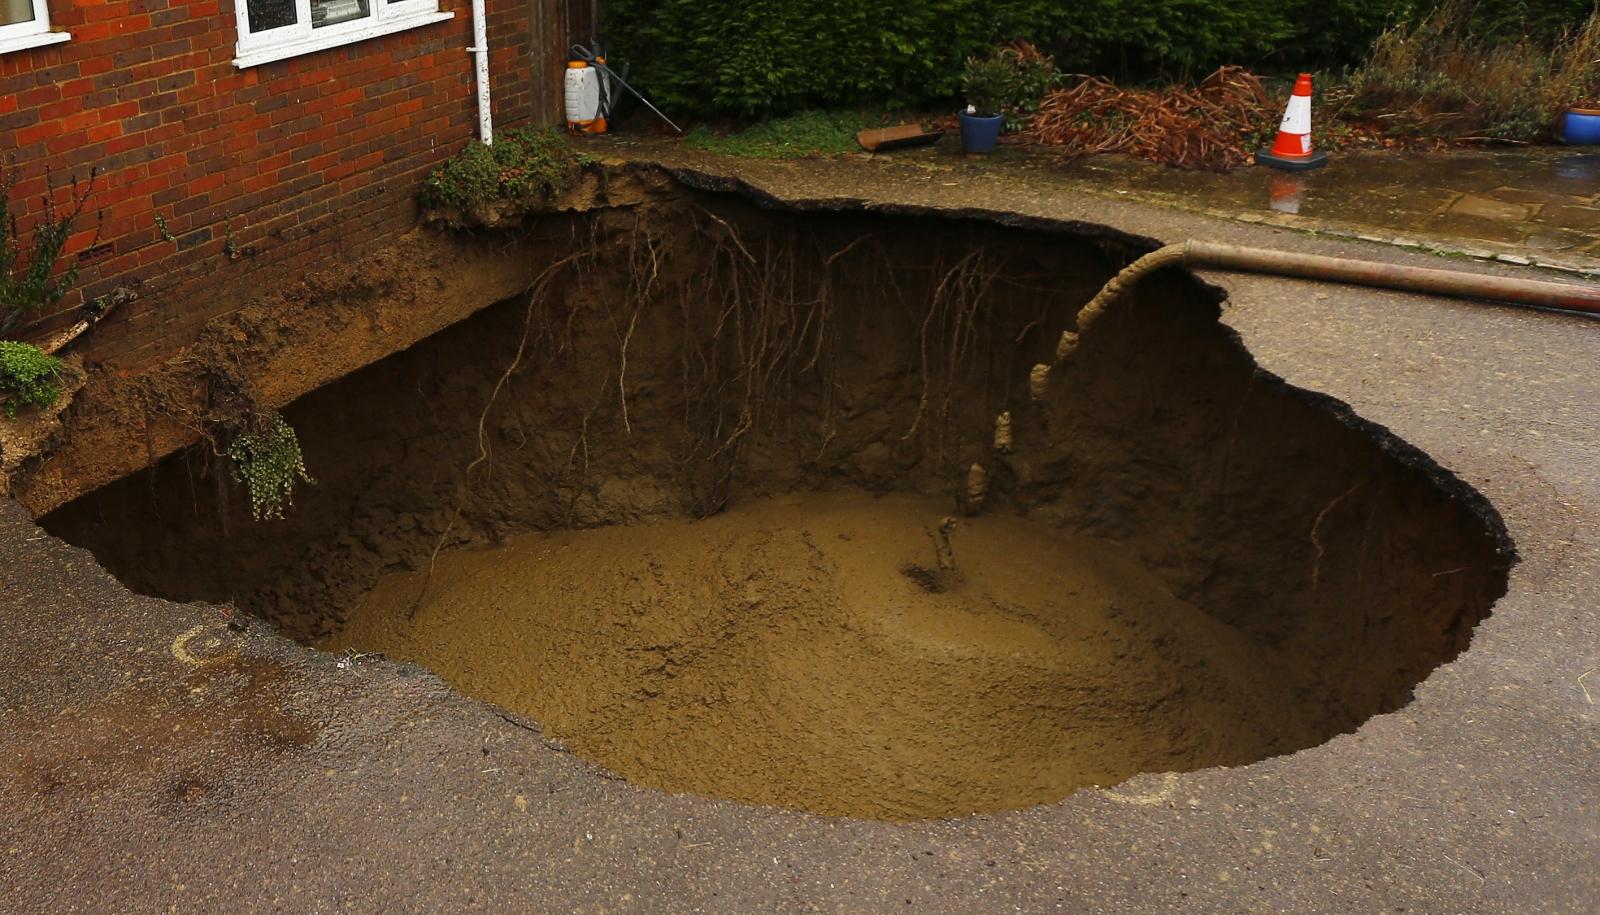 UK sinkhole